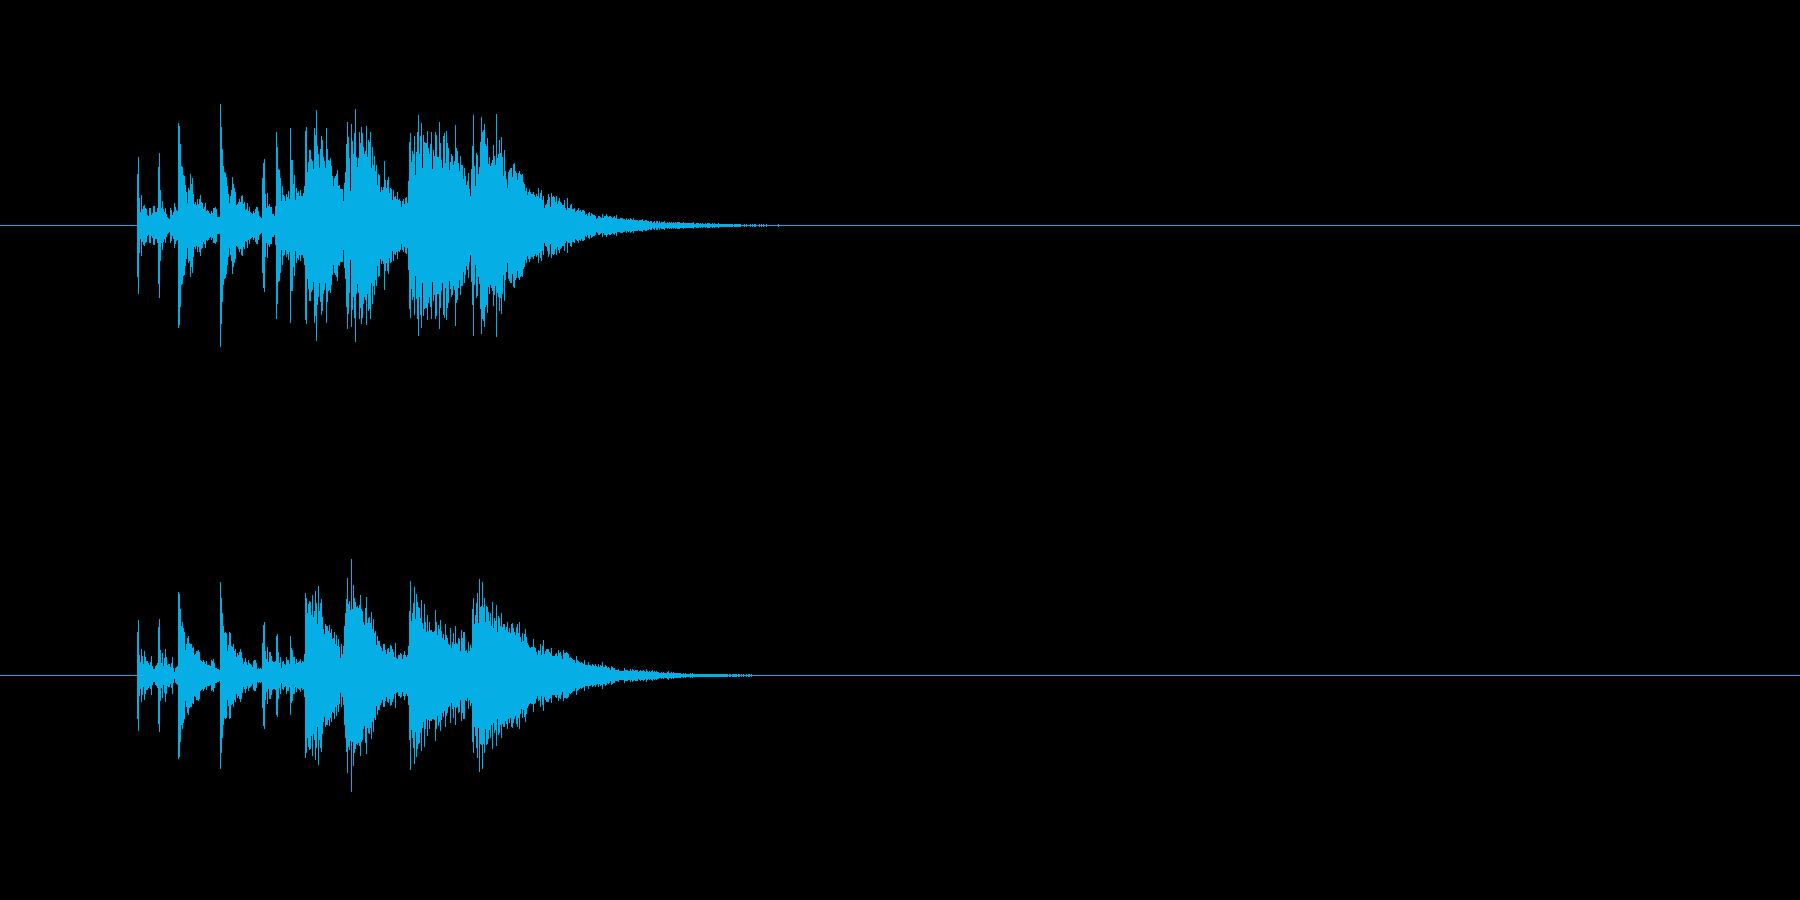 パワフル ドラム 派手 シンセサイザーの再生済みの波形